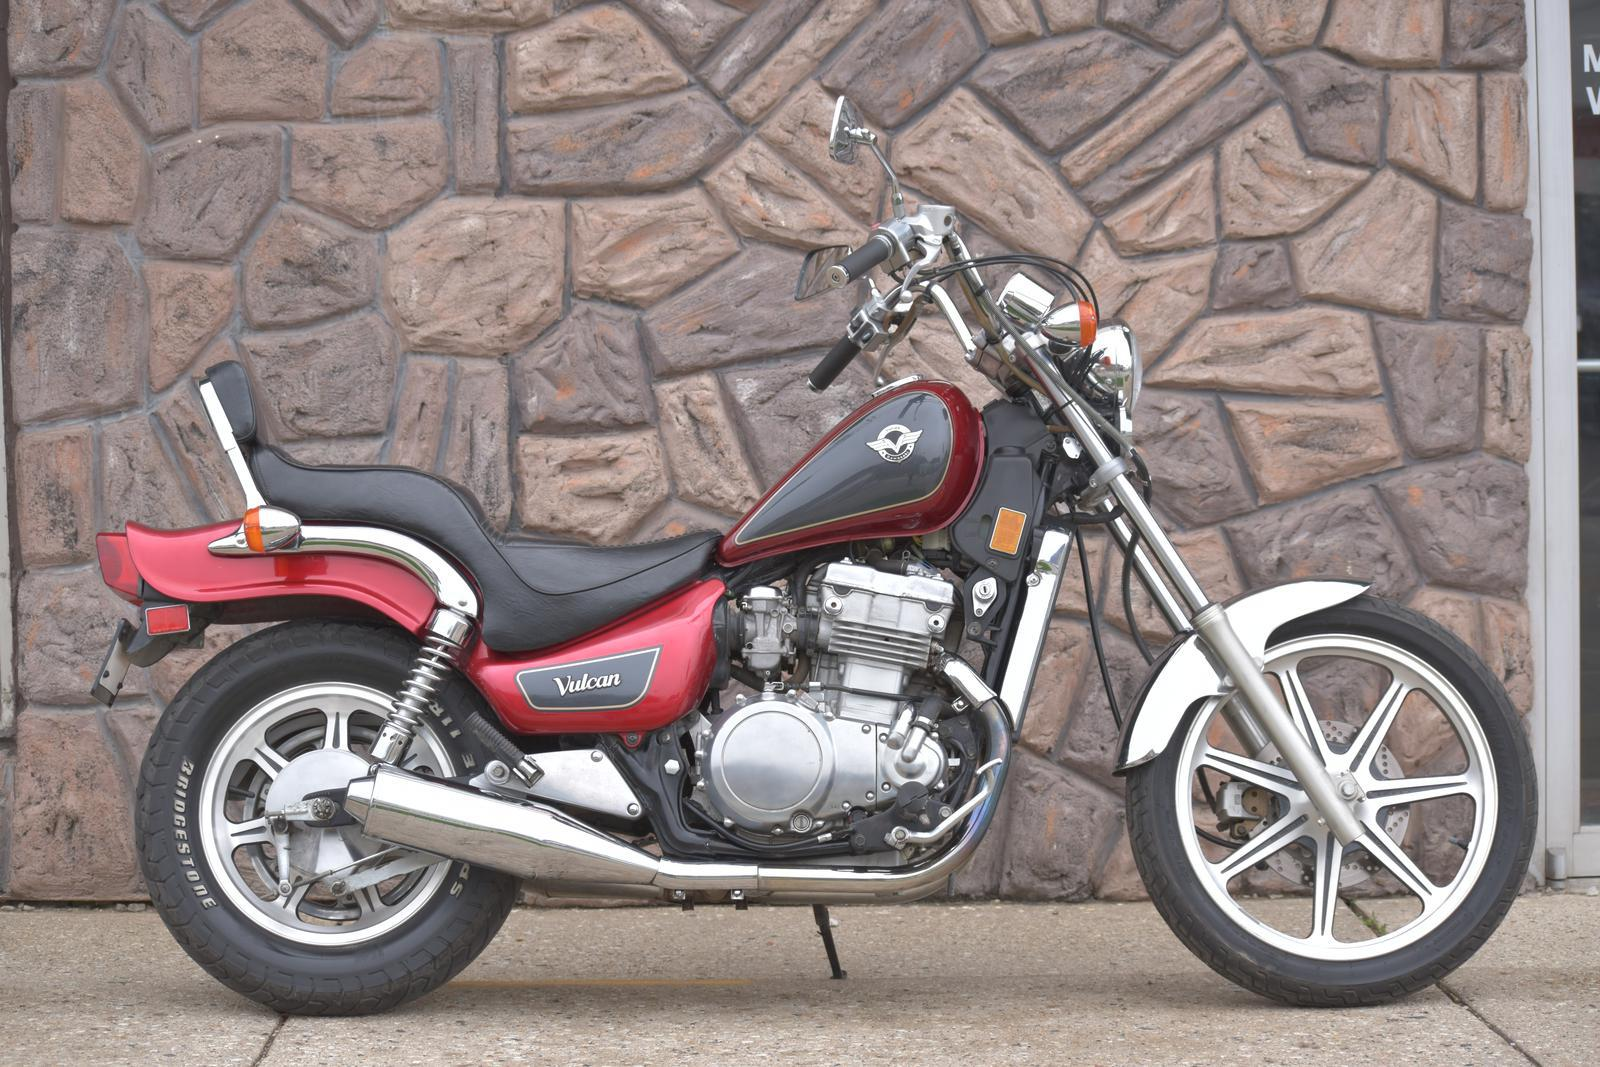 1996 kawasaki vulcan 500 for sale in waukesha, wi   redline all